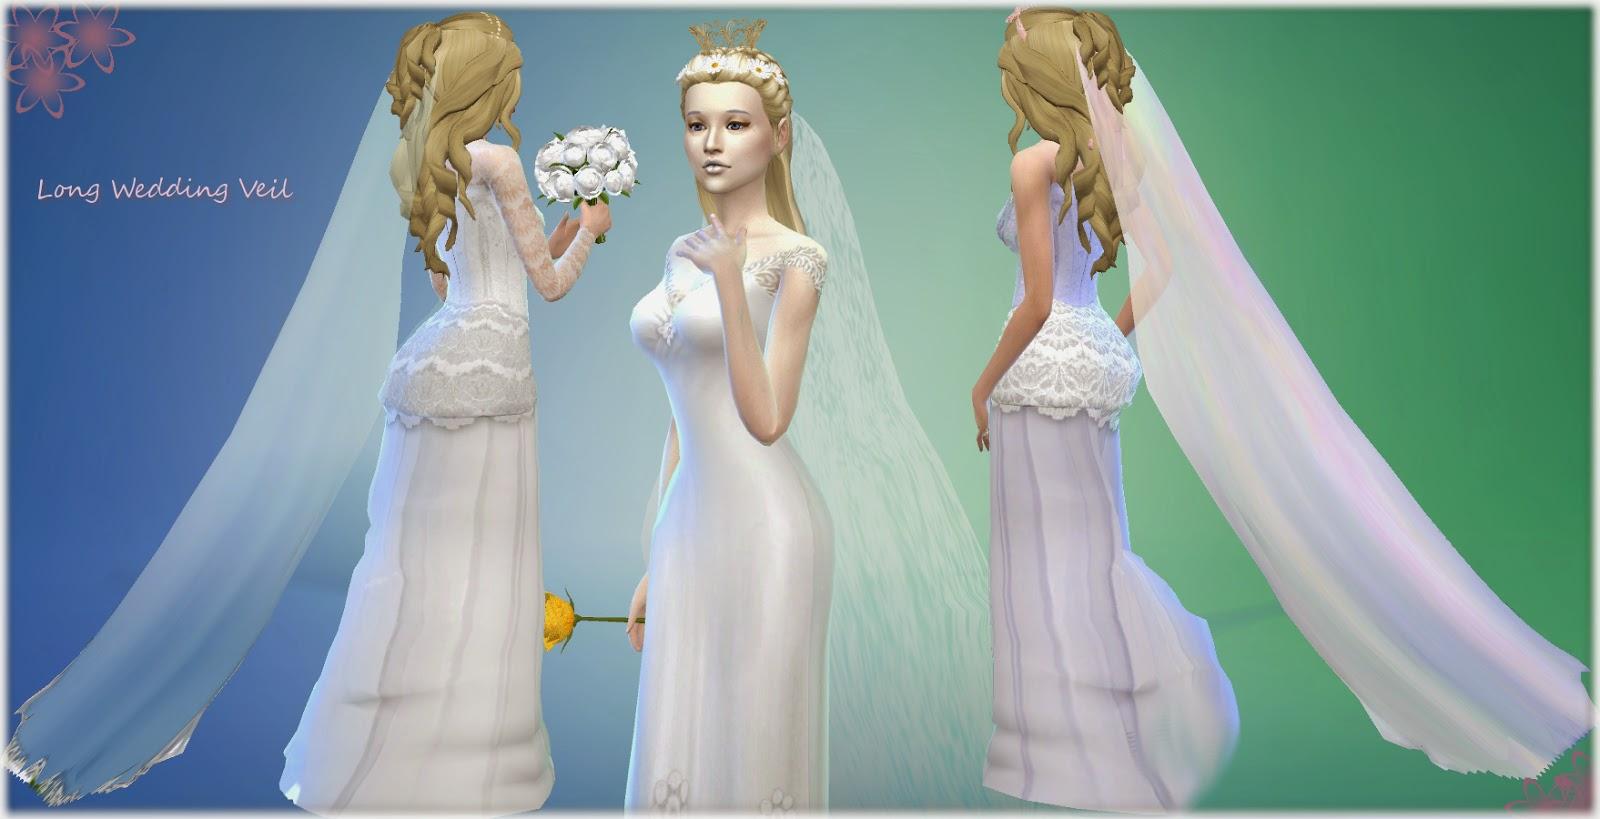 Sims 4 Wedding Veil.Mythical Dreams Sims 4 Long Wedding Veil